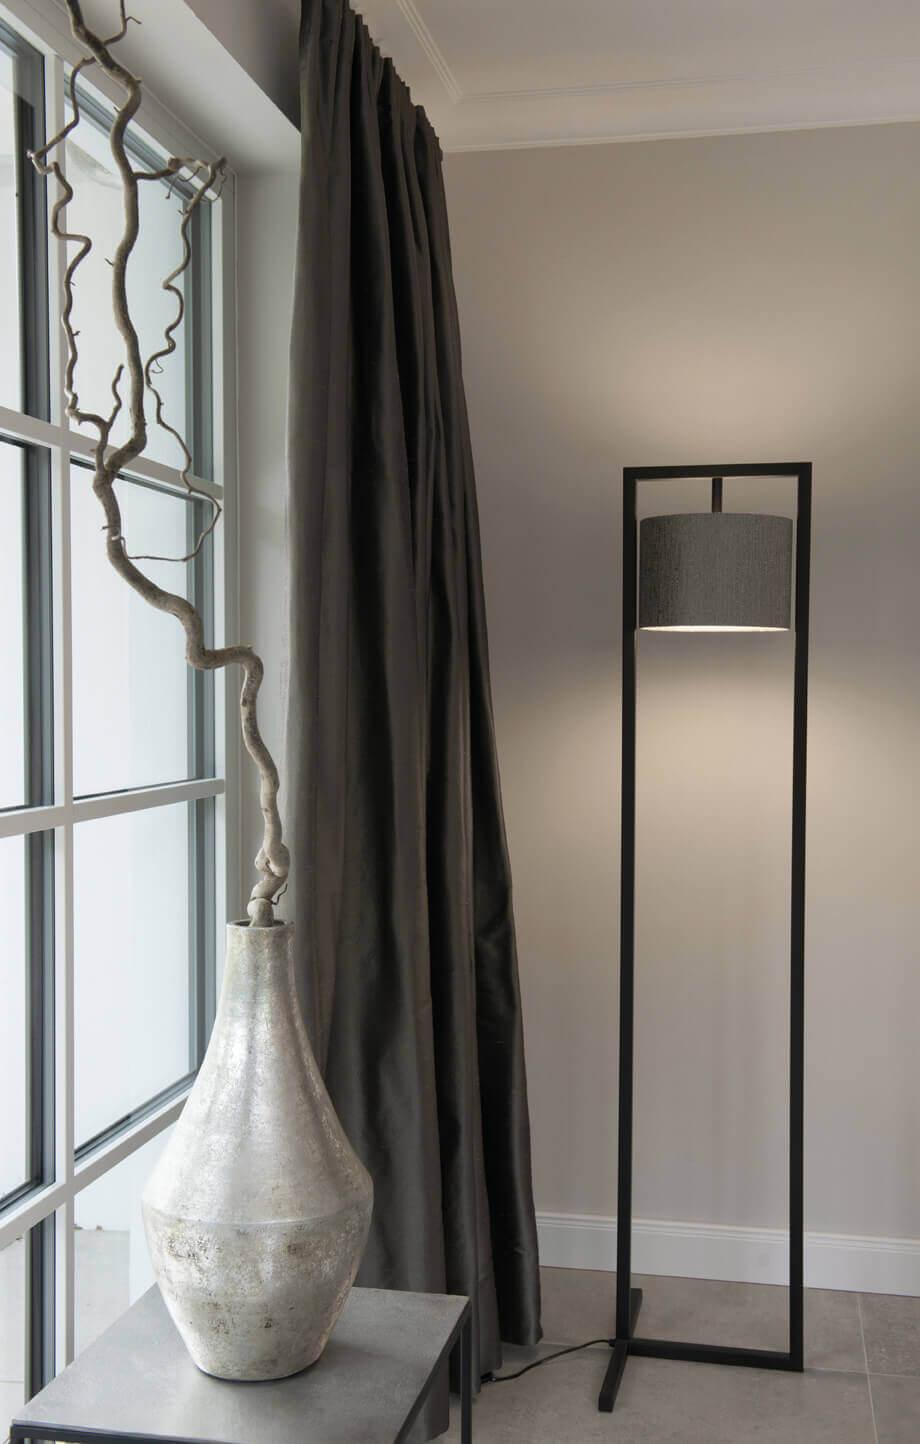 Vorhangdekoration_07